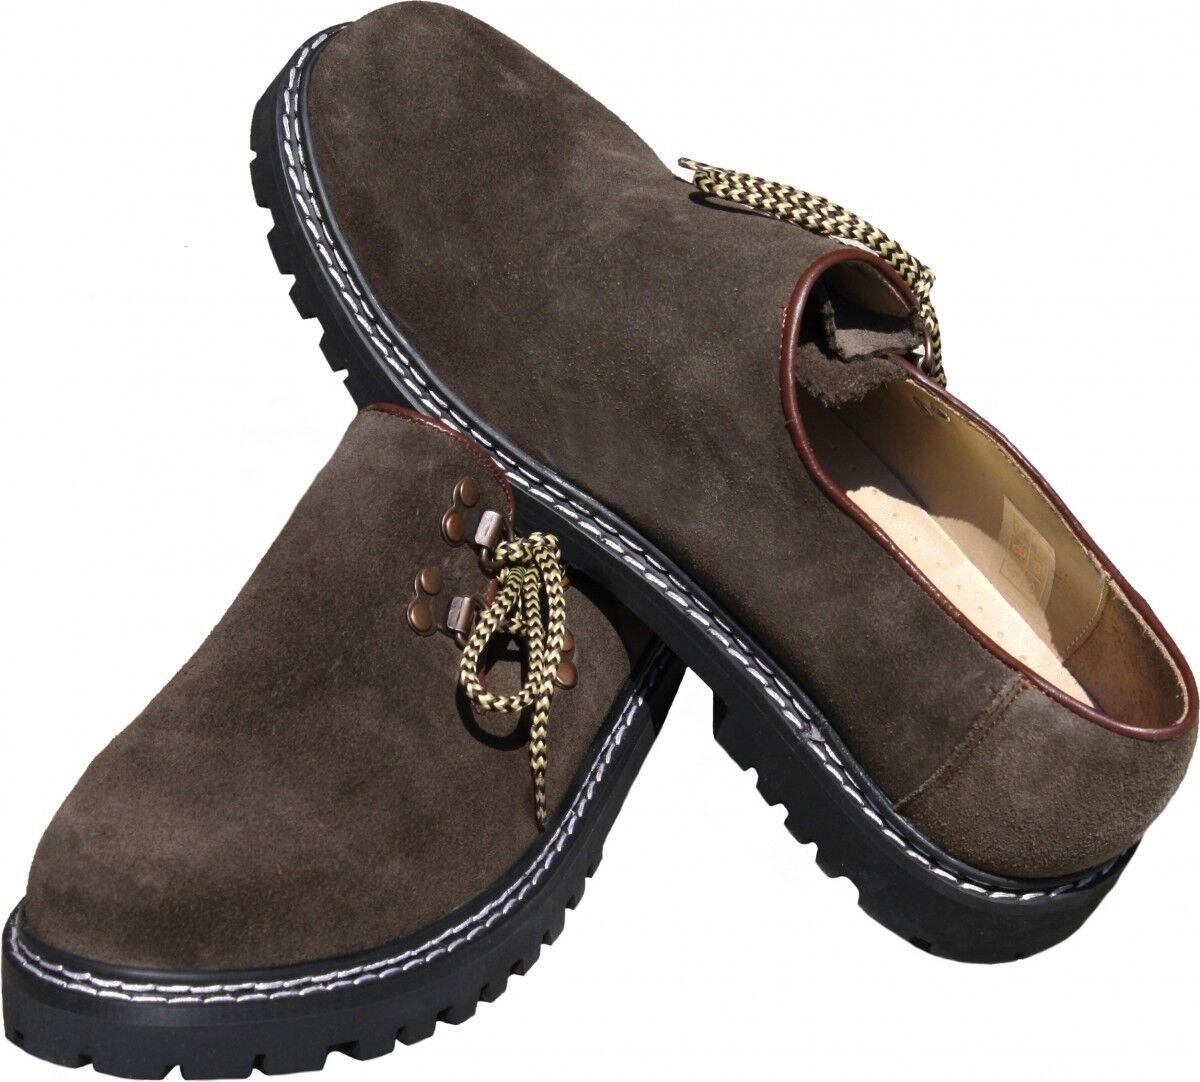 Trachtenschuhe Haferlschuhe Trachten Schuhe aus Wildleder   Wildleder Gummisohle 693d74